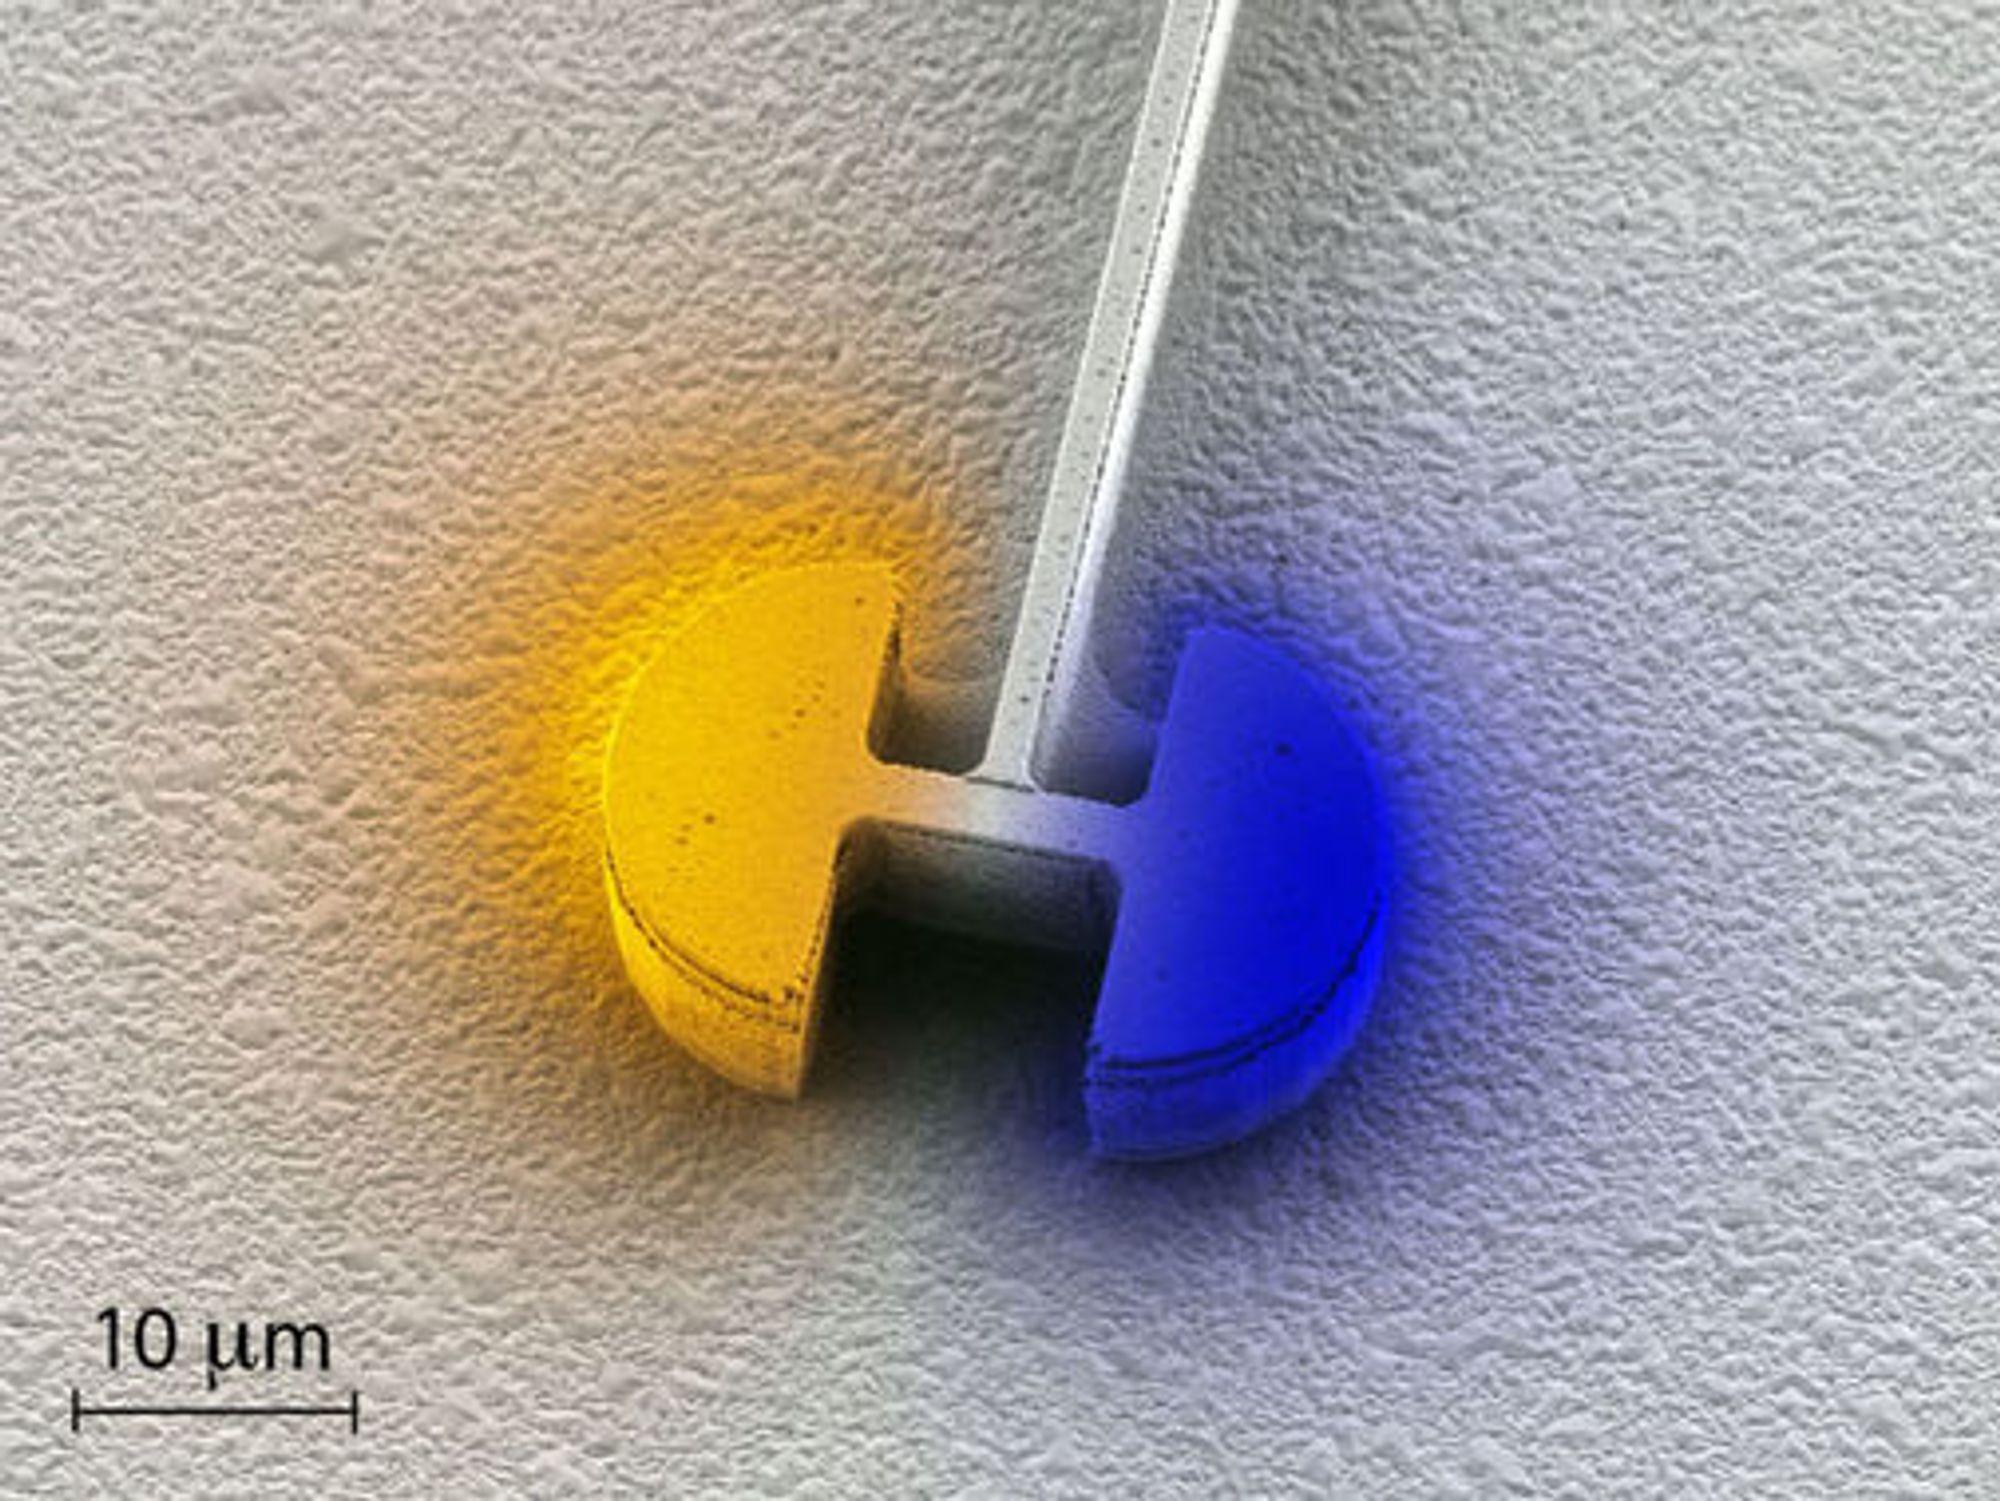 Den sentrale delen av den nye mikrolaseren er den elektriske resonatoren. Den består av to halvsirkelformede kondensatorer som er forbundet via en induktor. Fargeintensiteten representerer styrken på det elektriske feltet, mens selve fargen representerer polariteten.